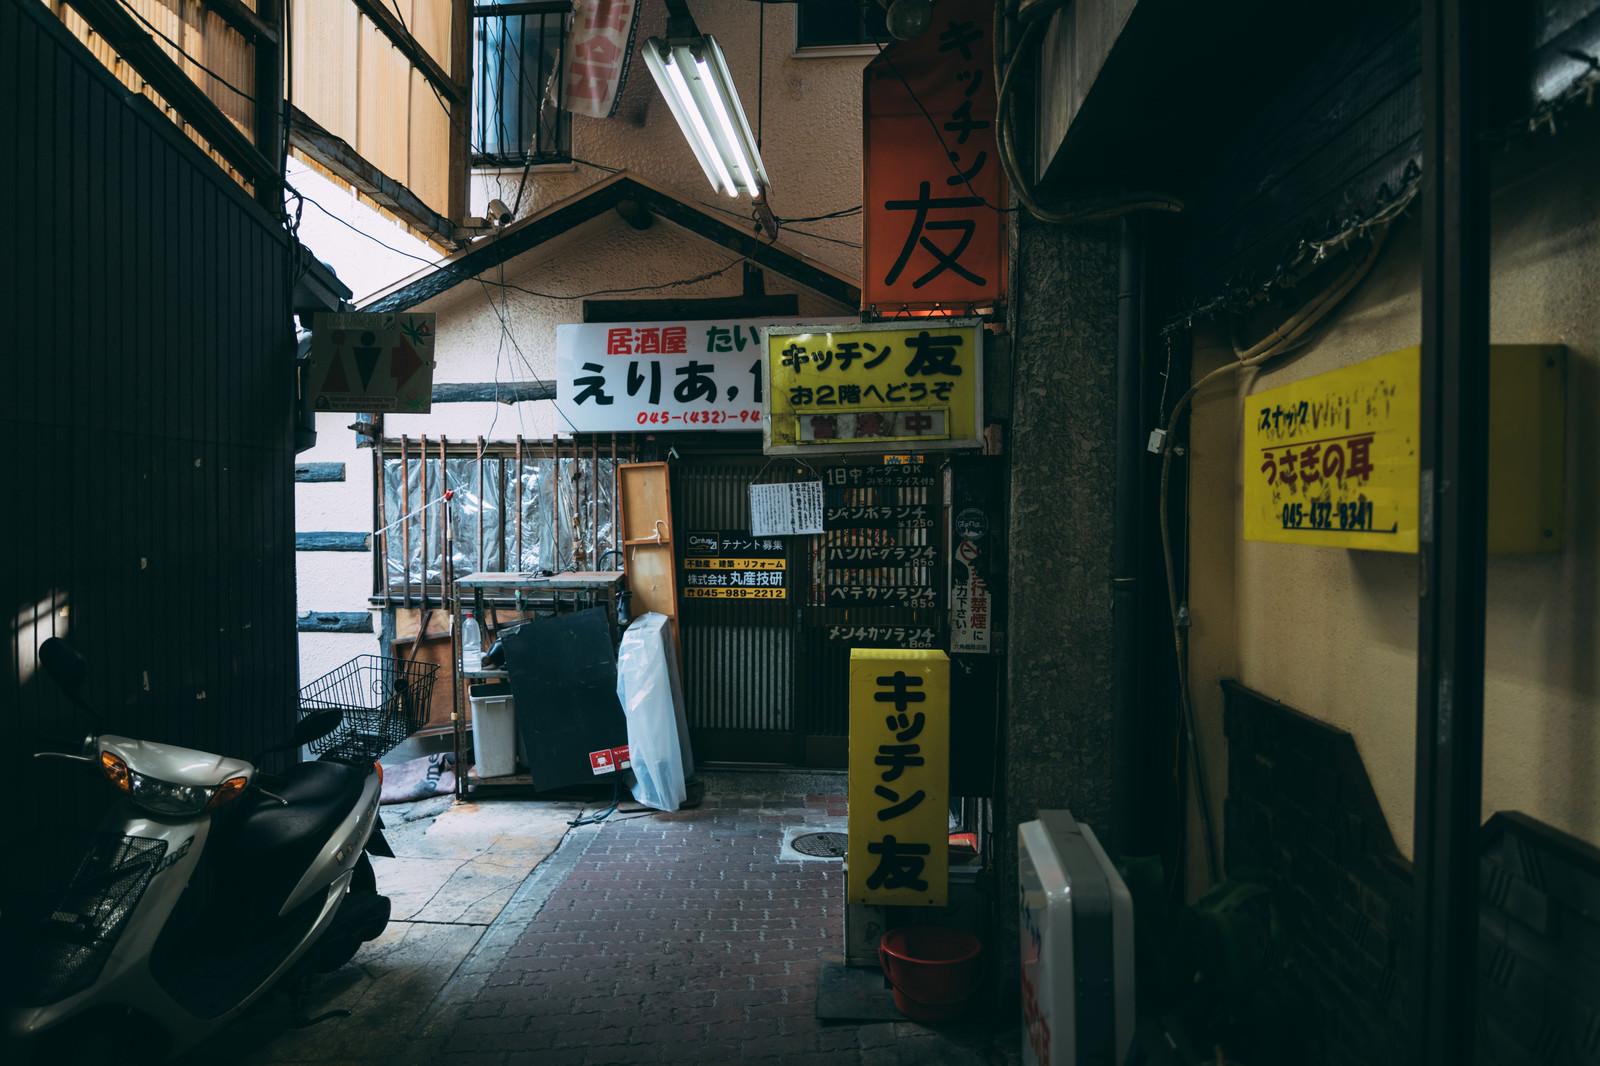 「六角橋仲見世通り」の写真